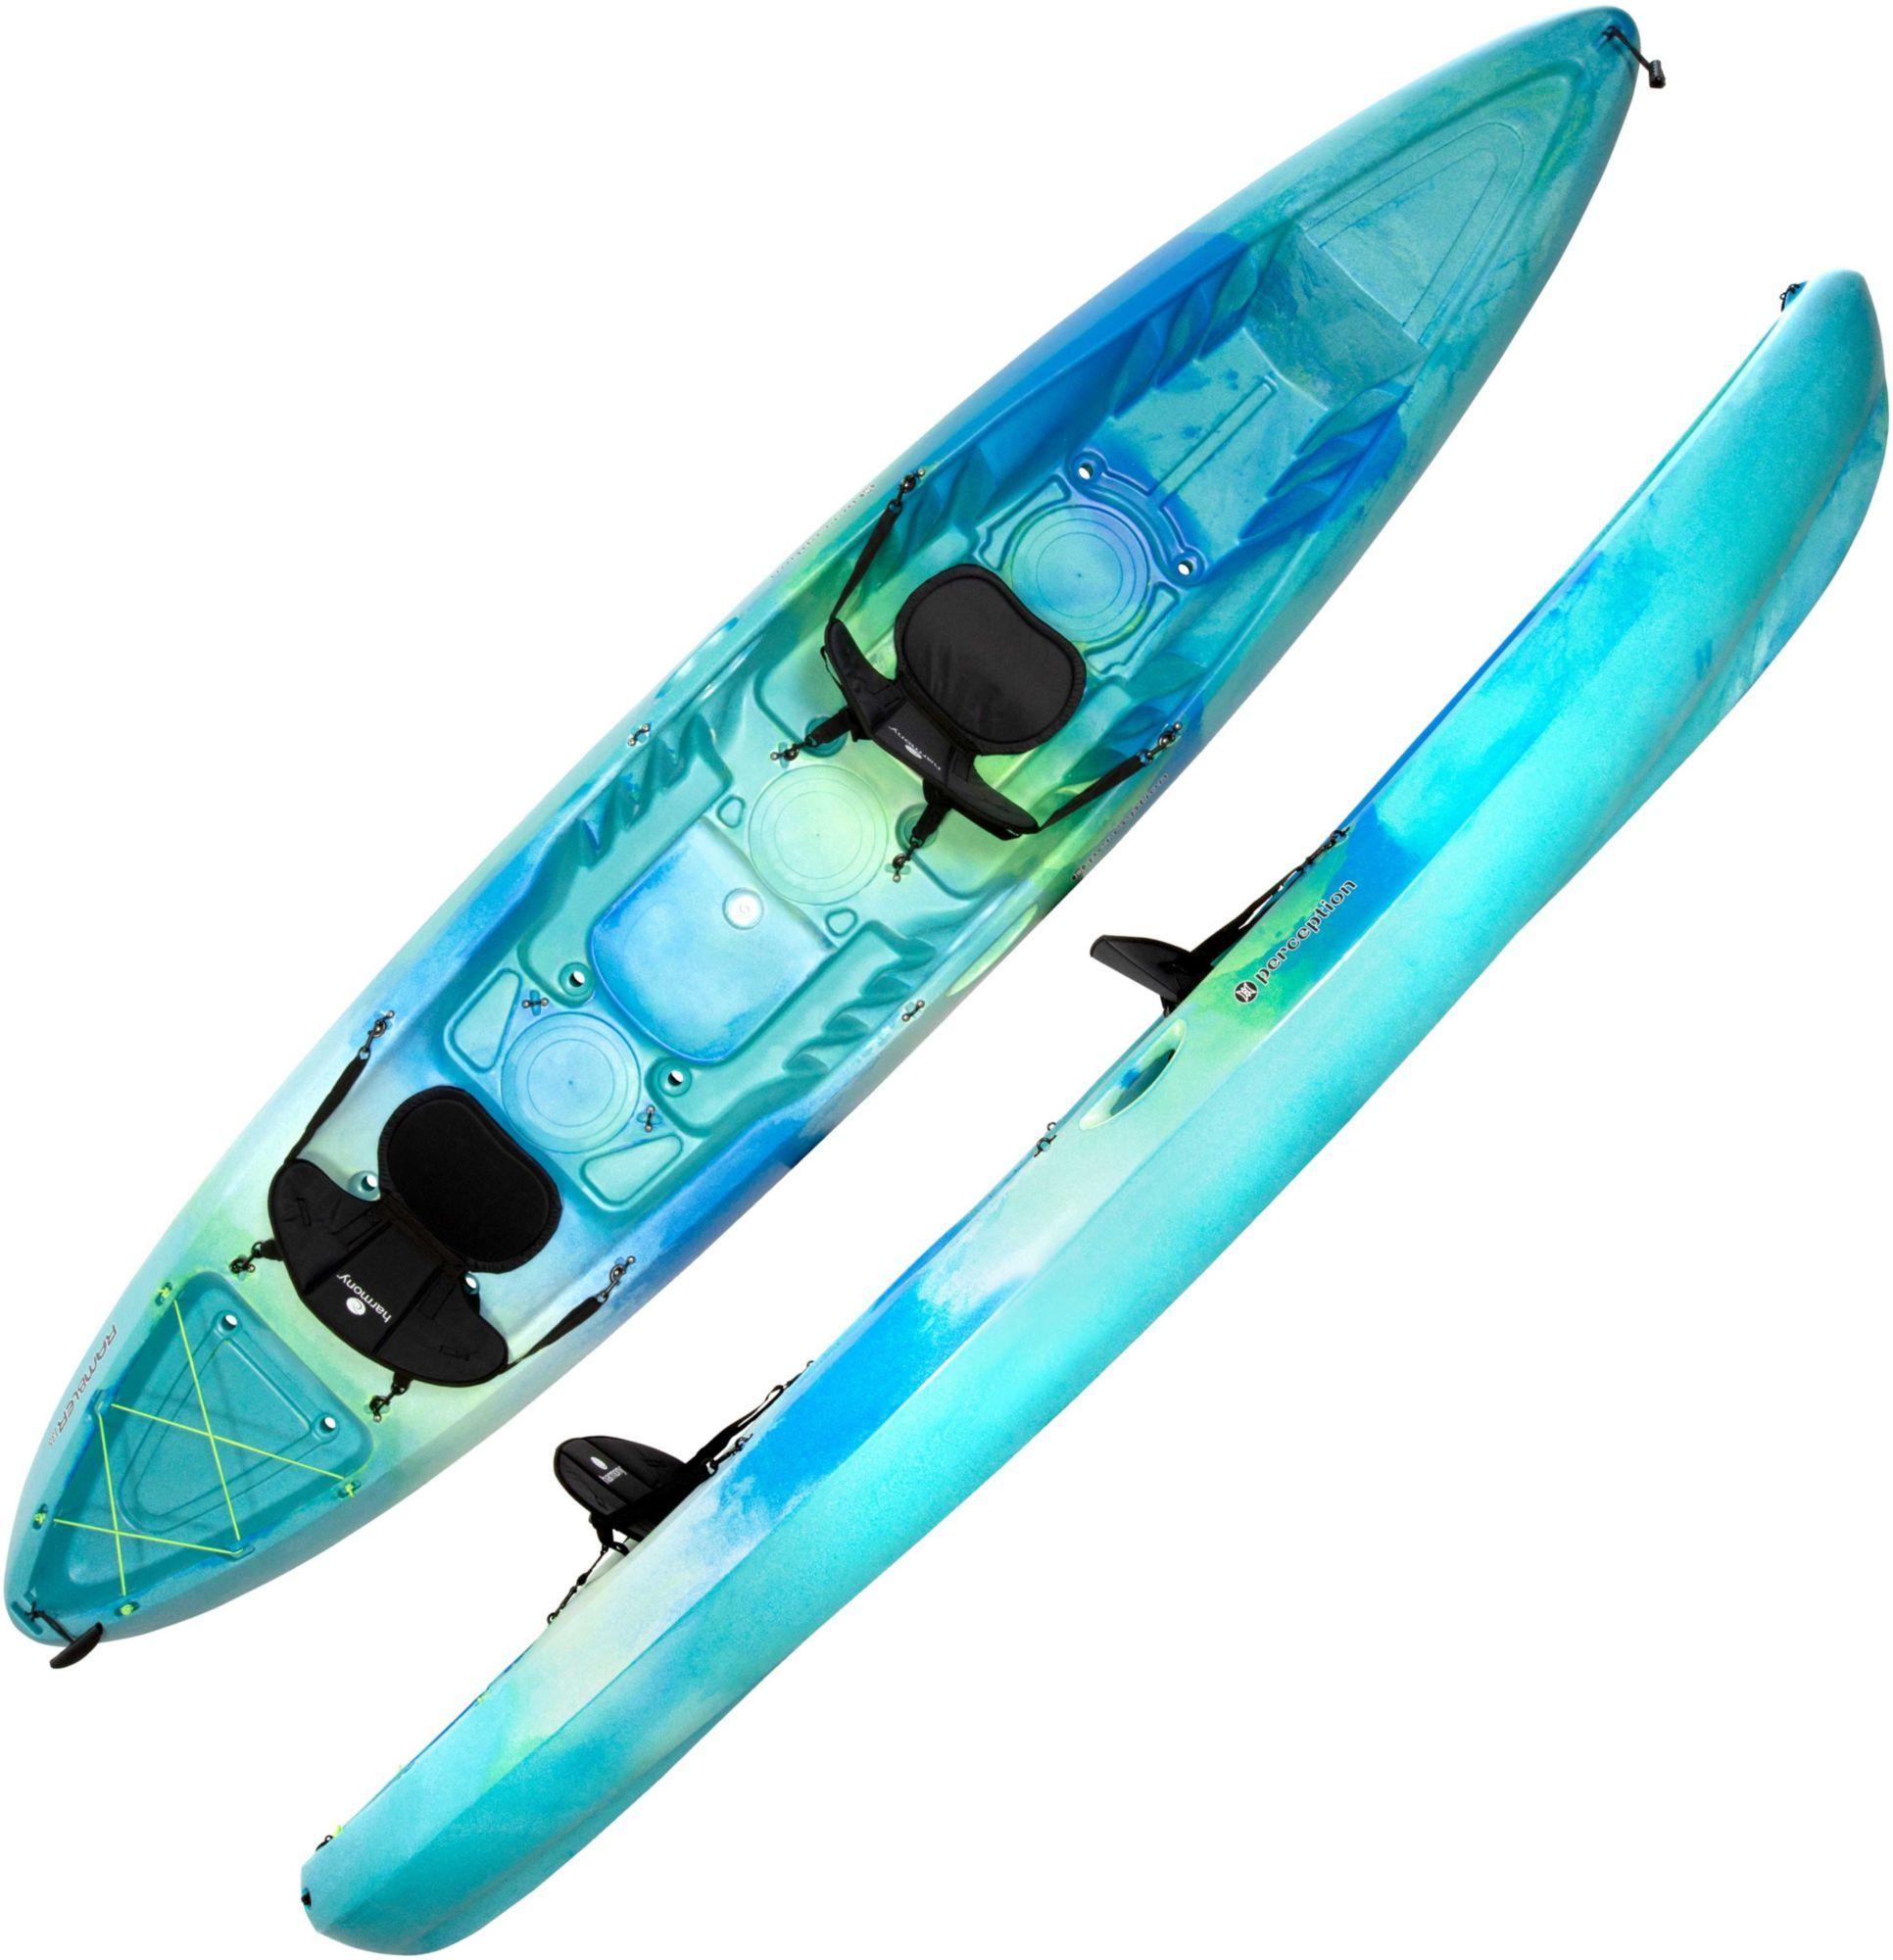 Perception Rambler 13 5 Tandem Kayak Blue In 2020 Tandem Kayaking Kayaking Kayaks For Sale